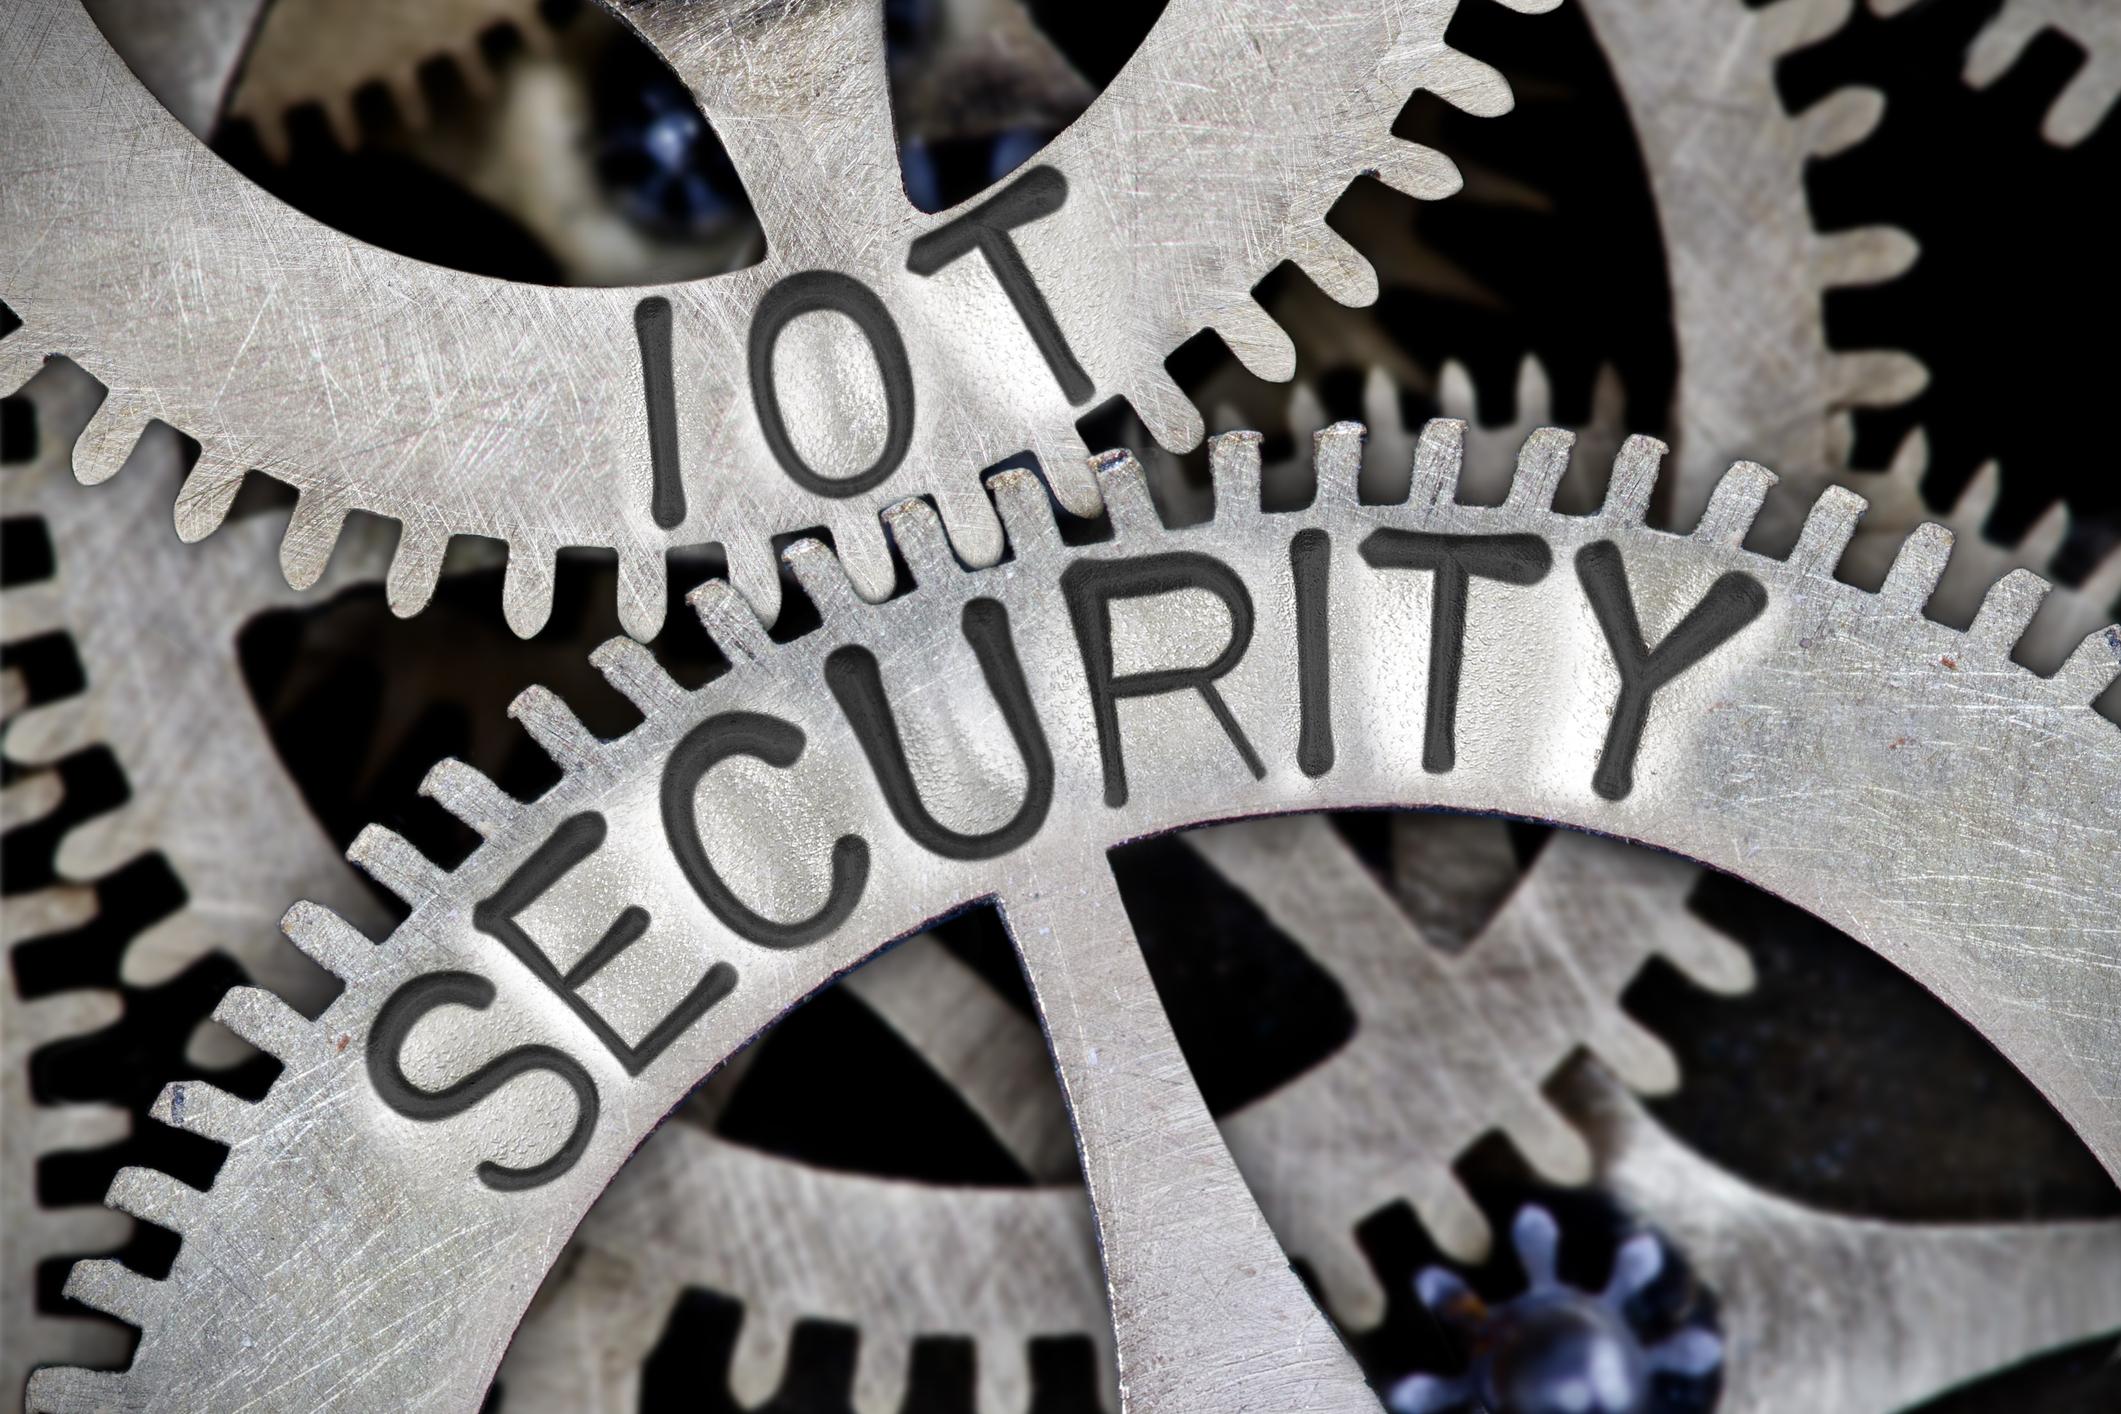 Jumătate dintre organizațiile industriale cred că IoT va transforma securitatea ICS